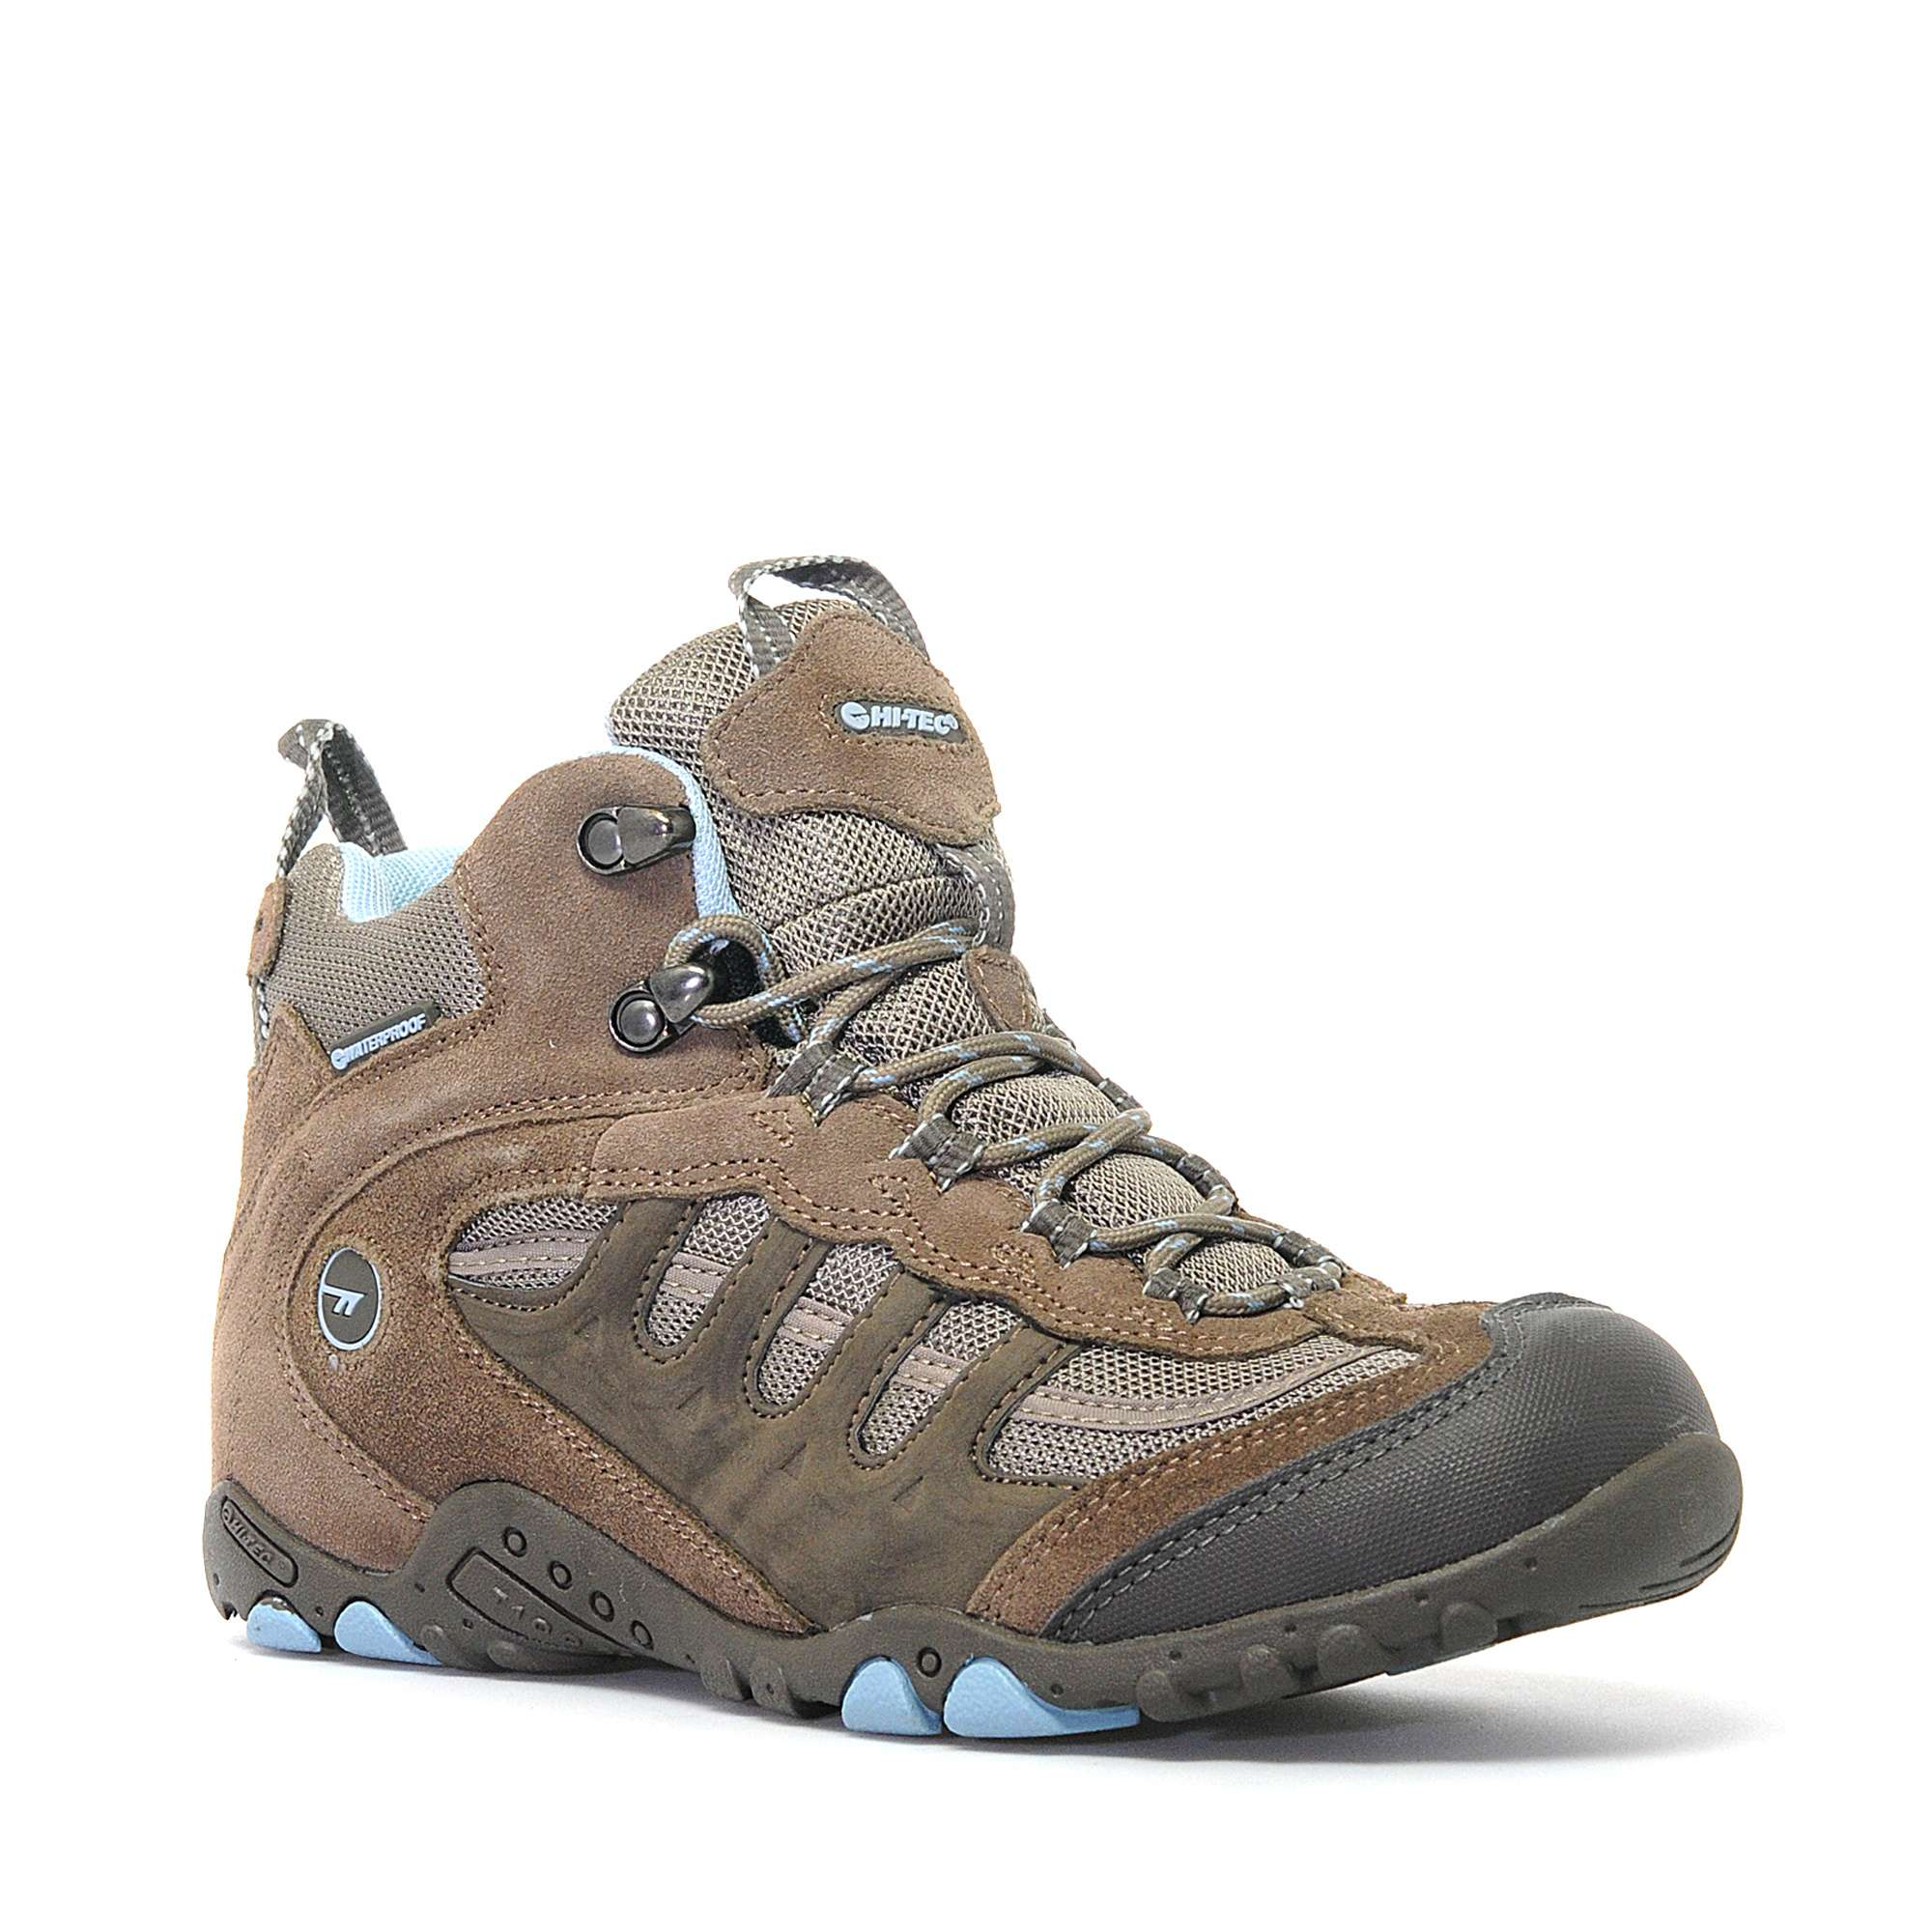 HI TEC Women's Penrith Mid Walking Boots